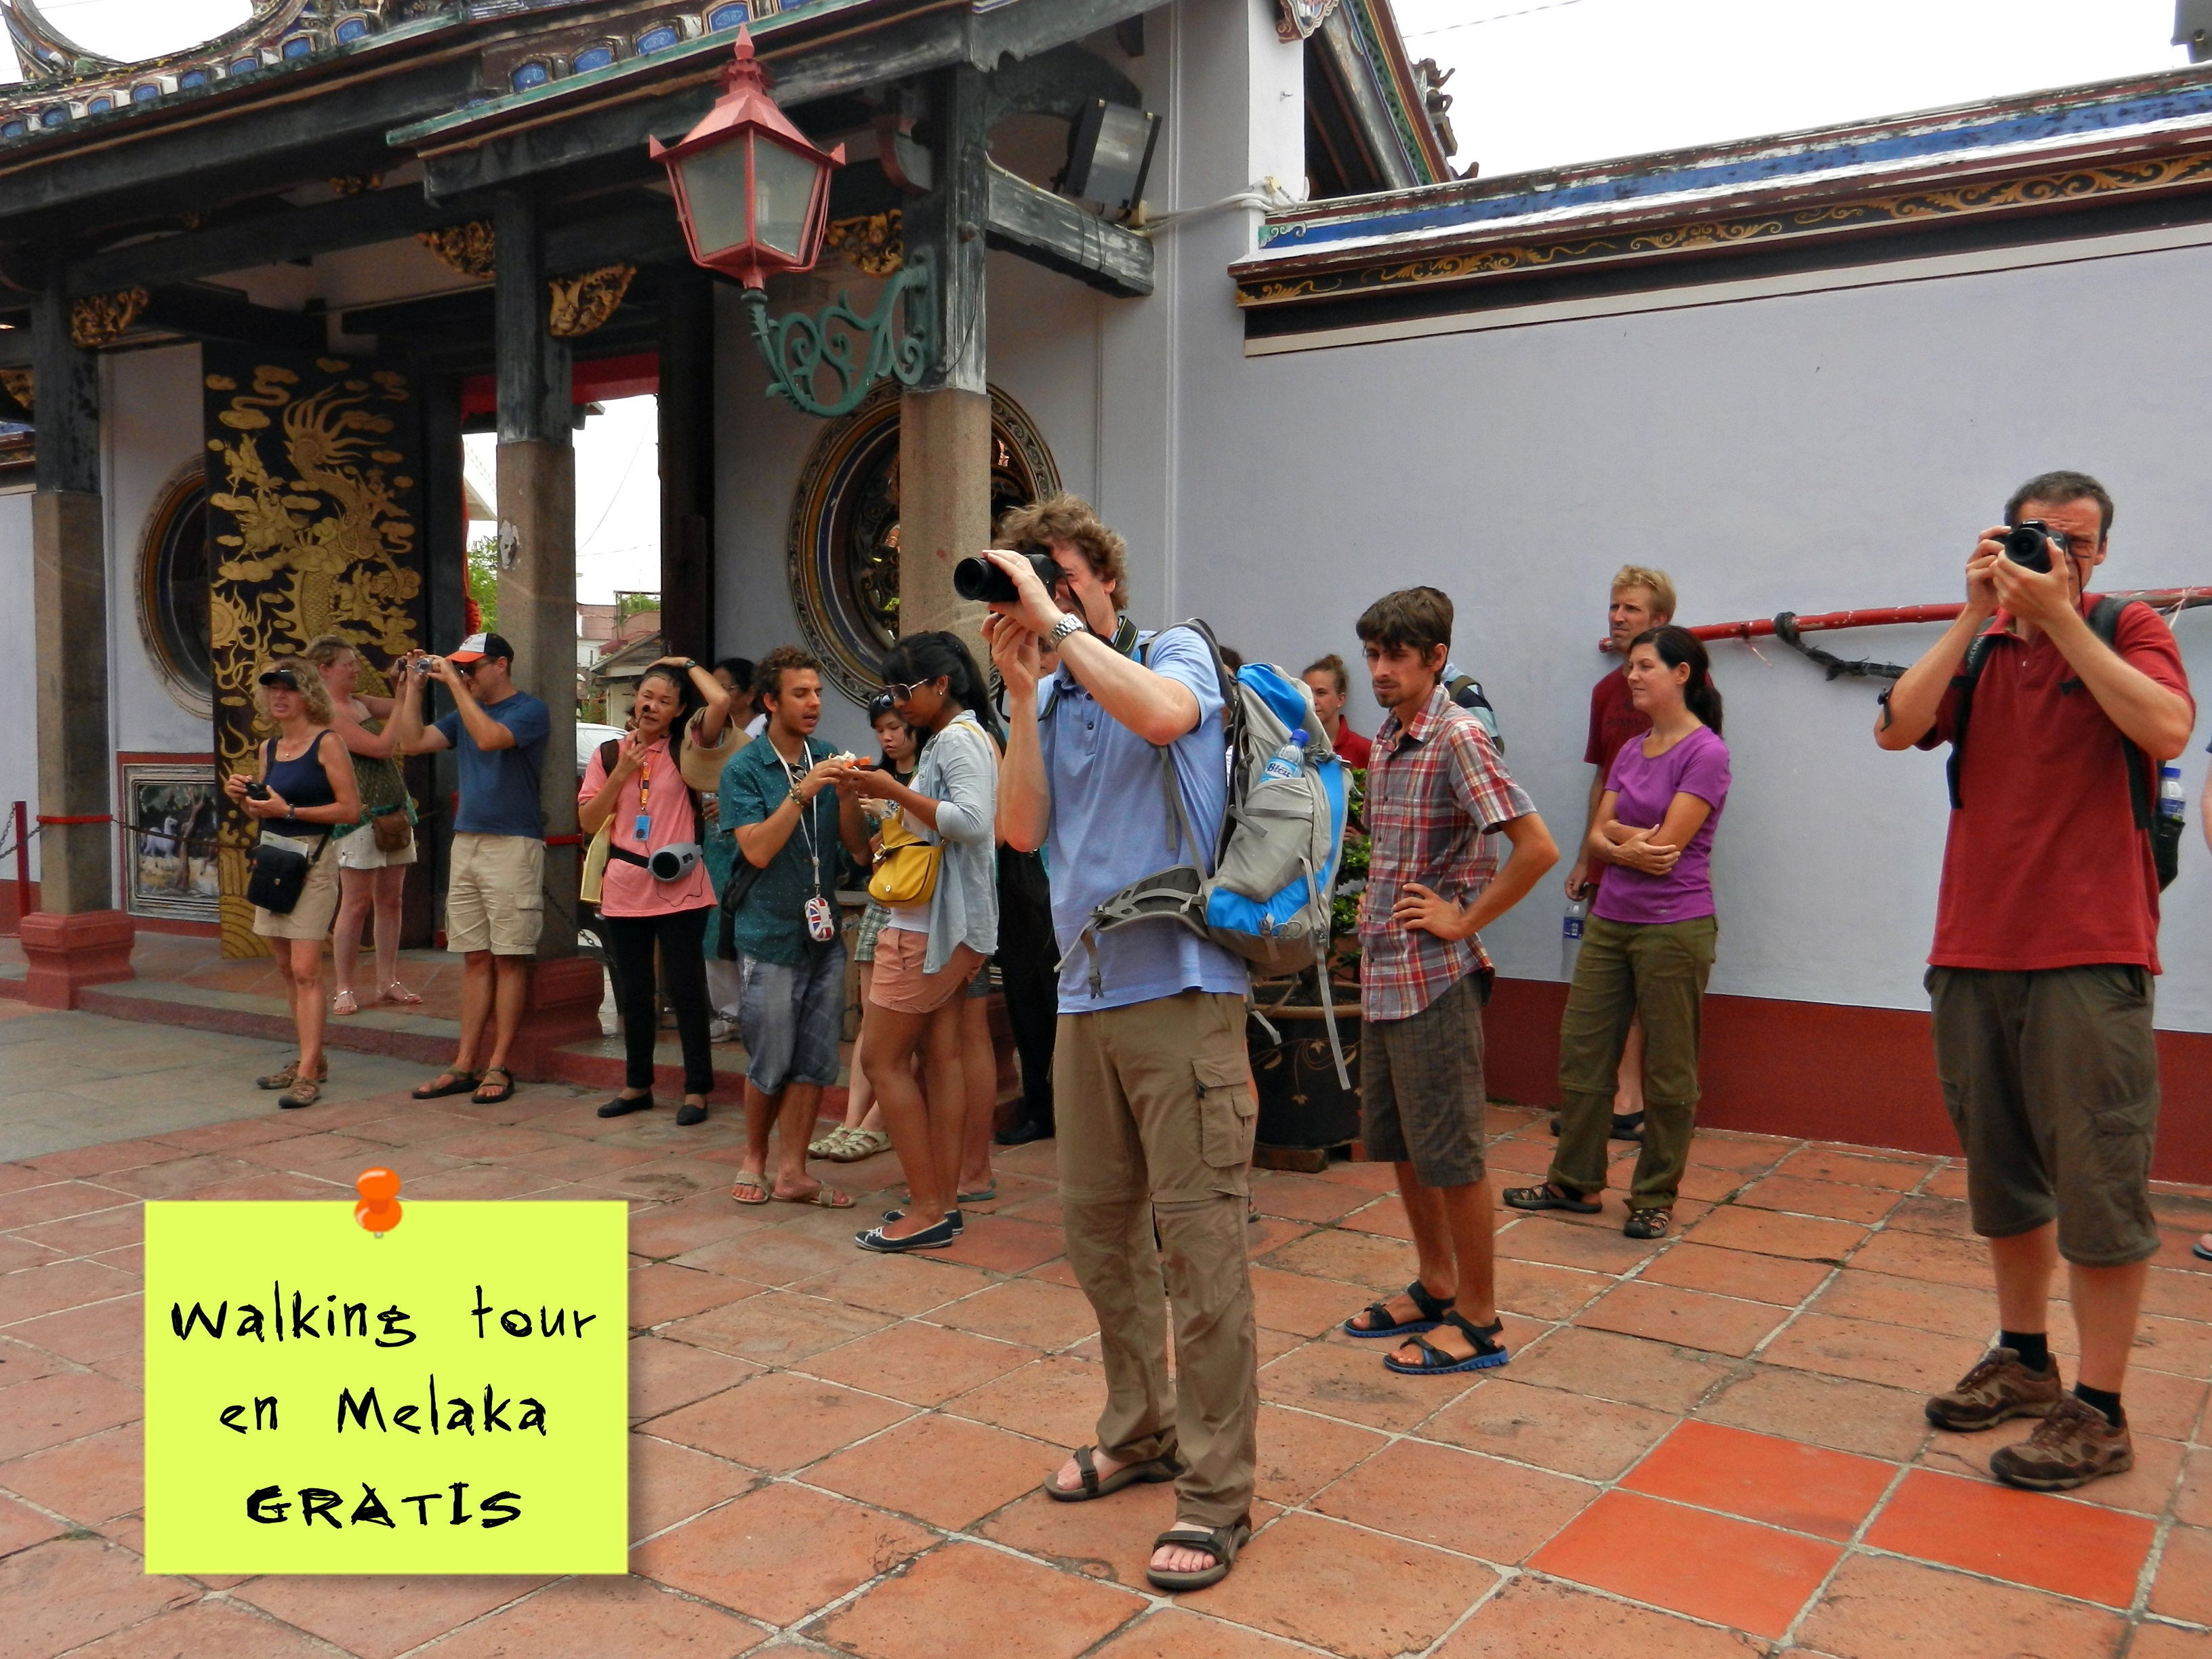 Tour gratis en Melaka, Malasia